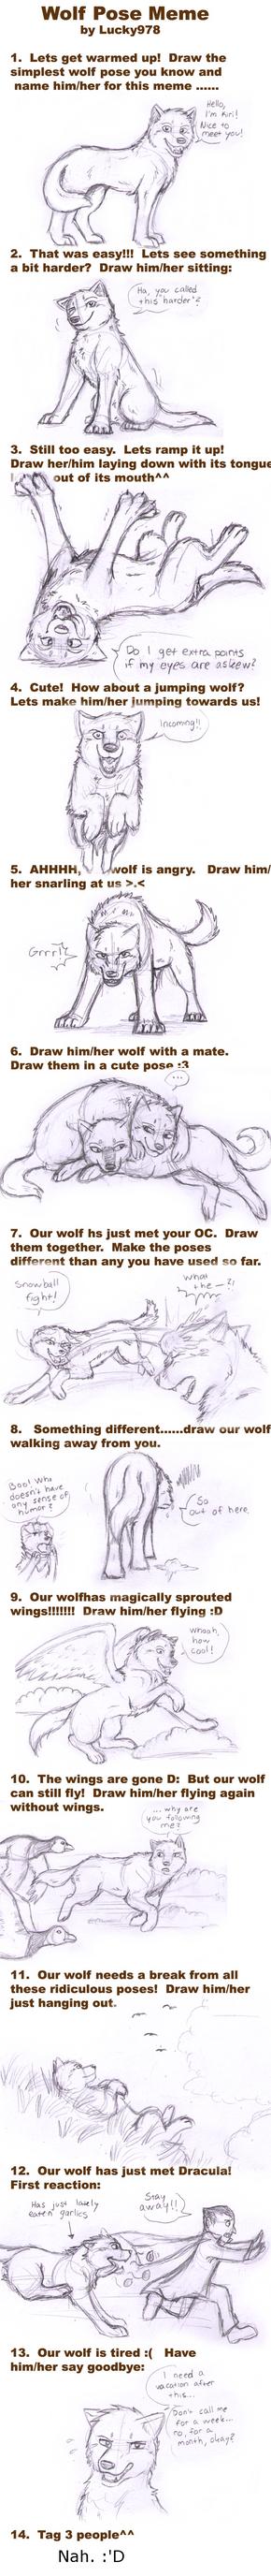 Wolf Pose Meme by Rayhaaja